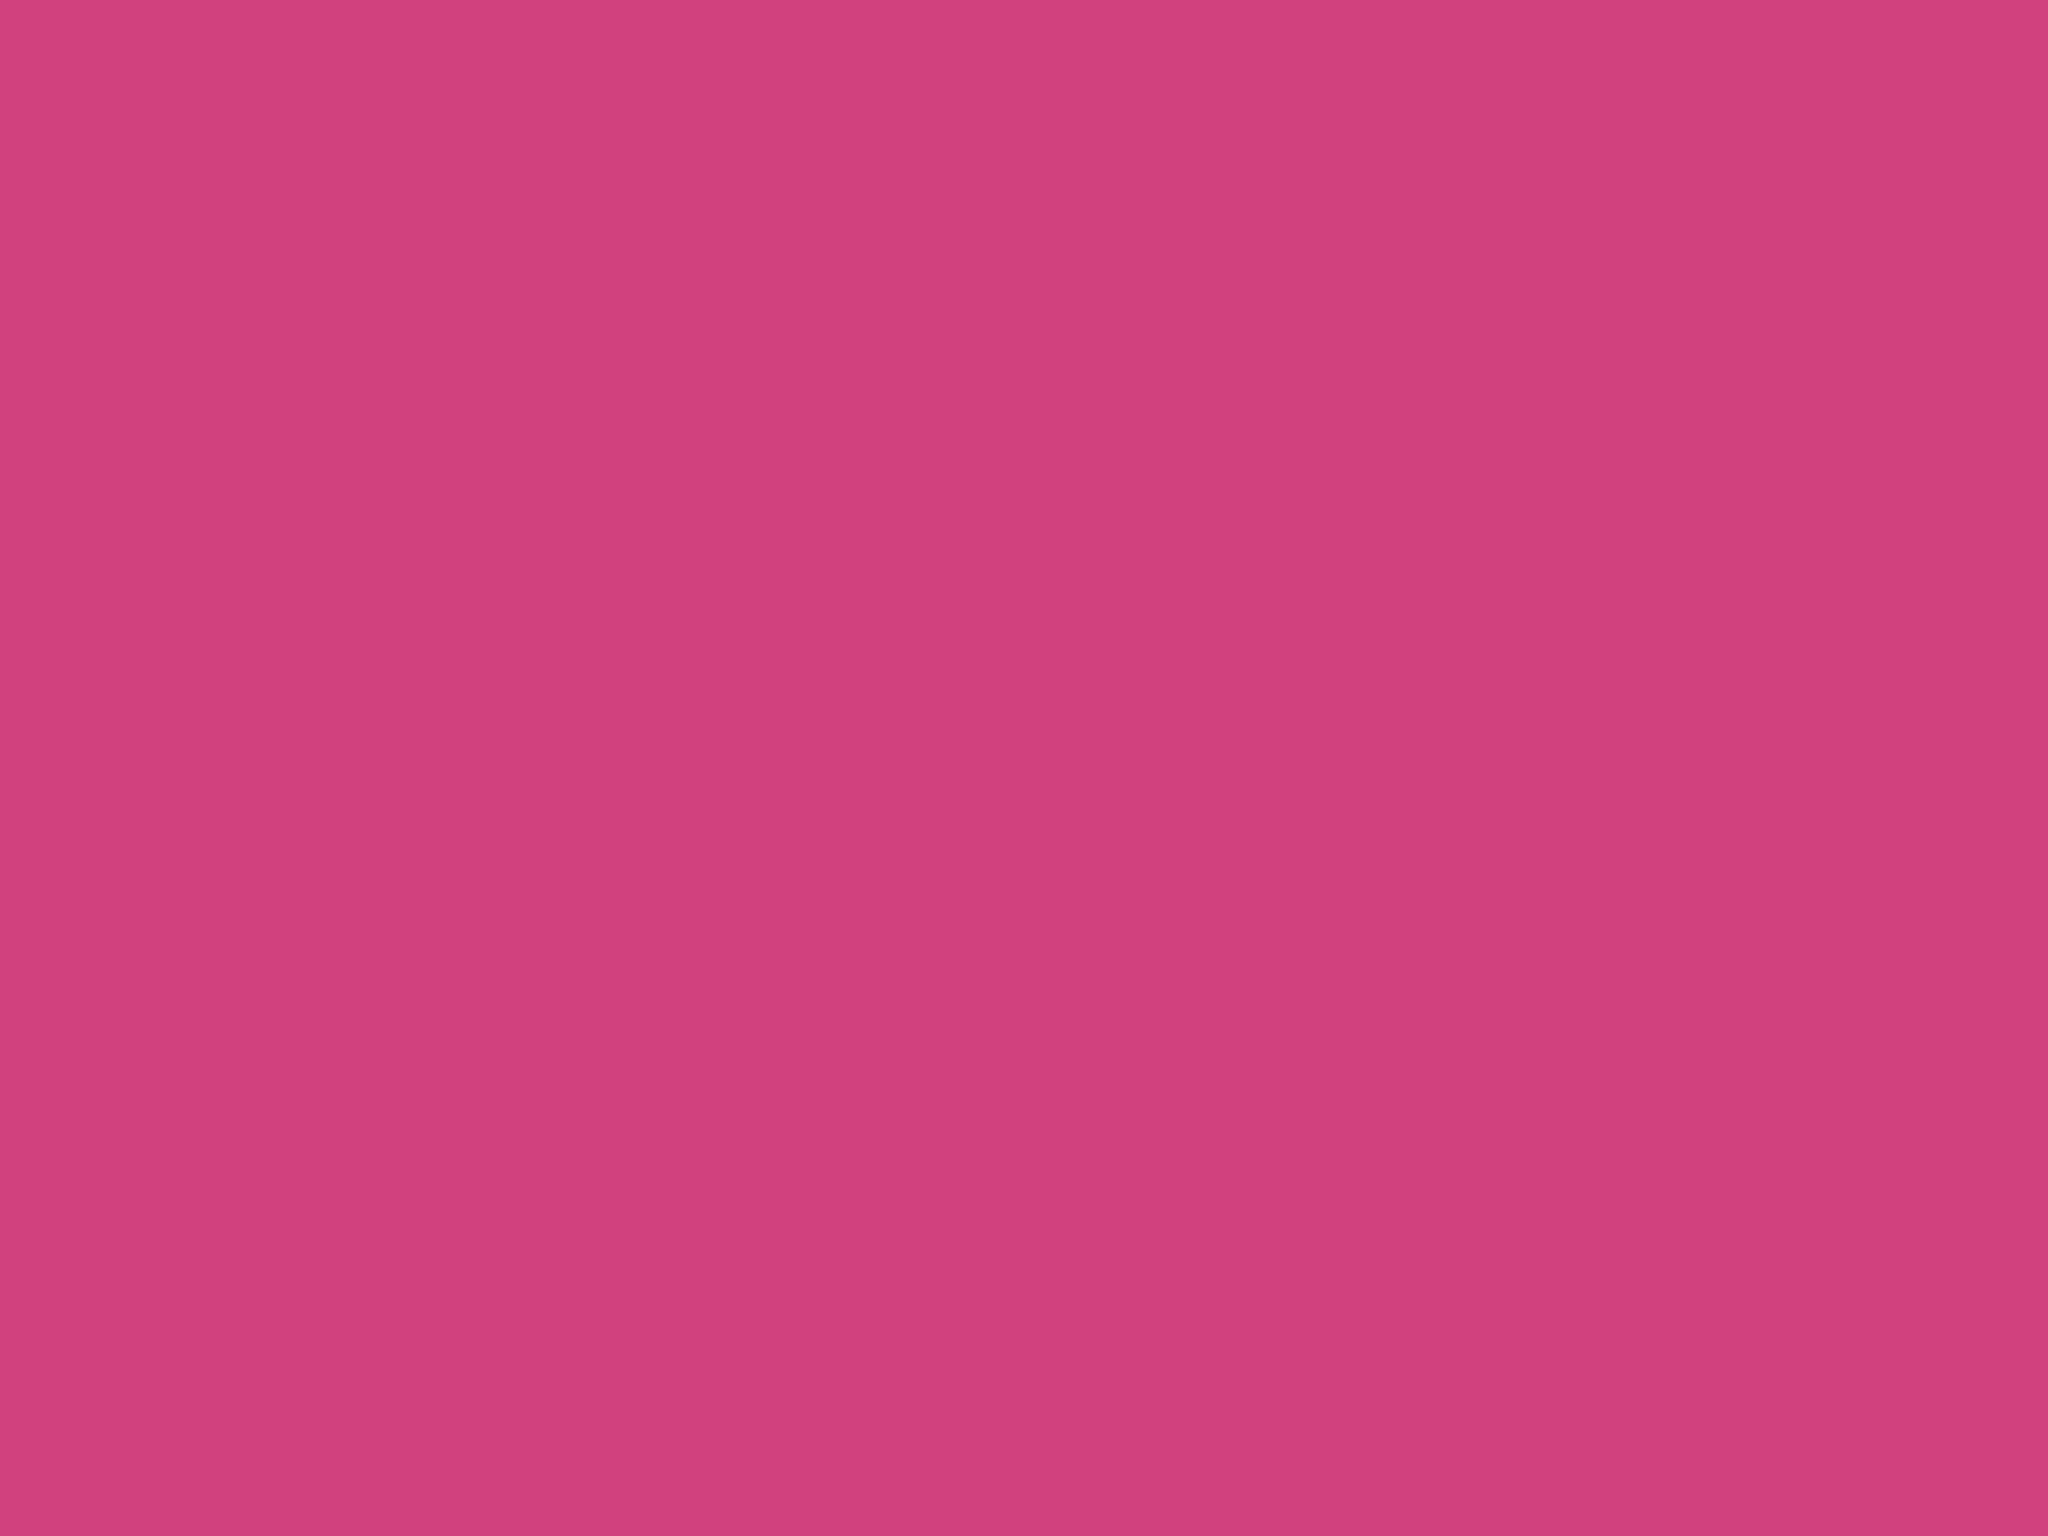 2048x1536 Magenta Pantone Solid Color Background